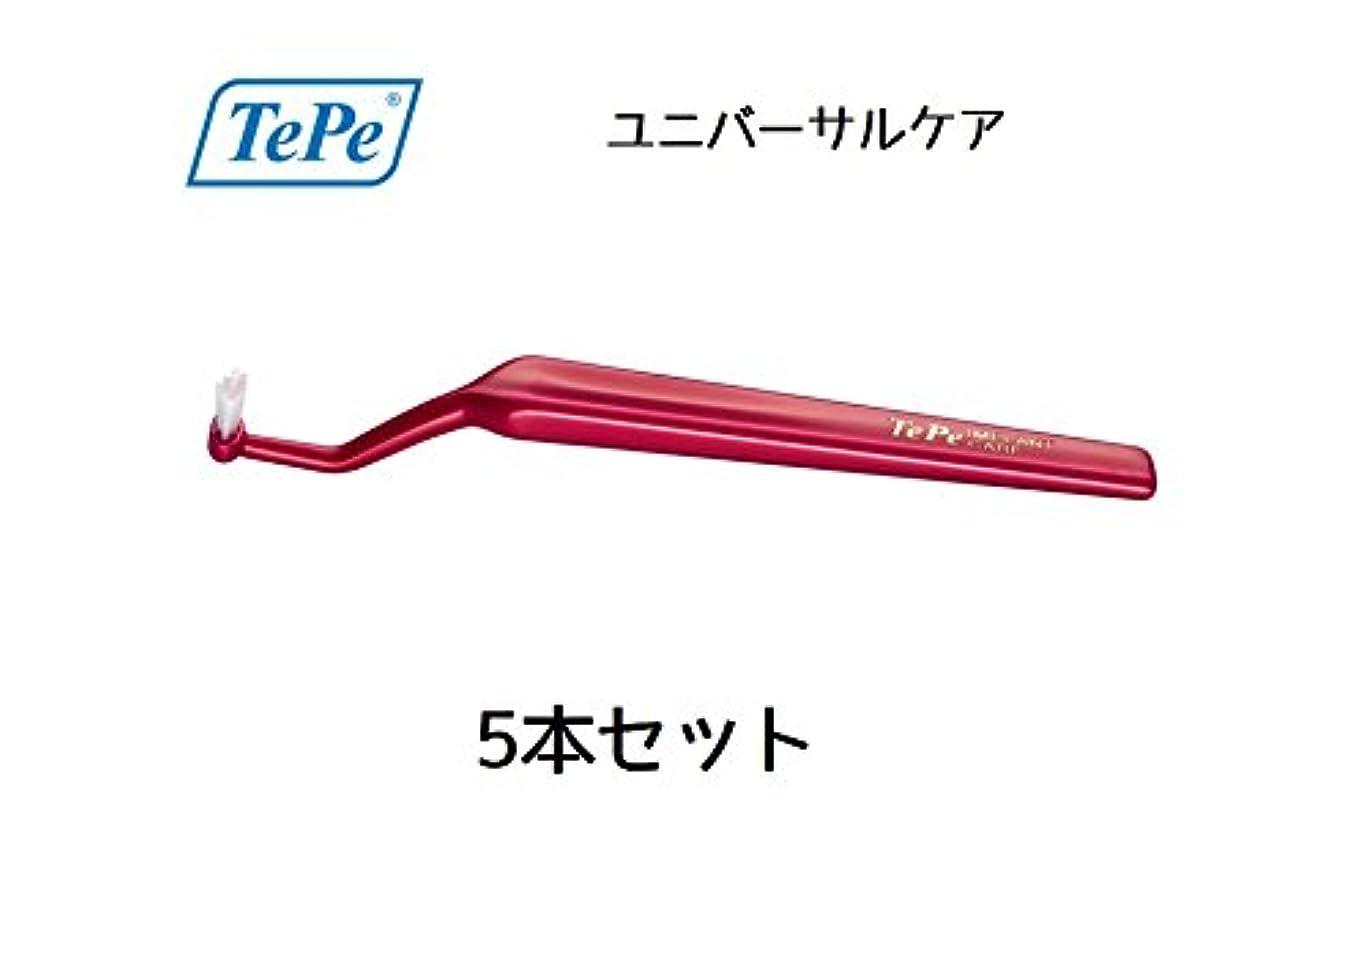 トイレタップ褒賞テペ ユニバーサルケア (旧インプラントケア) 5本 TePe Universal Care …